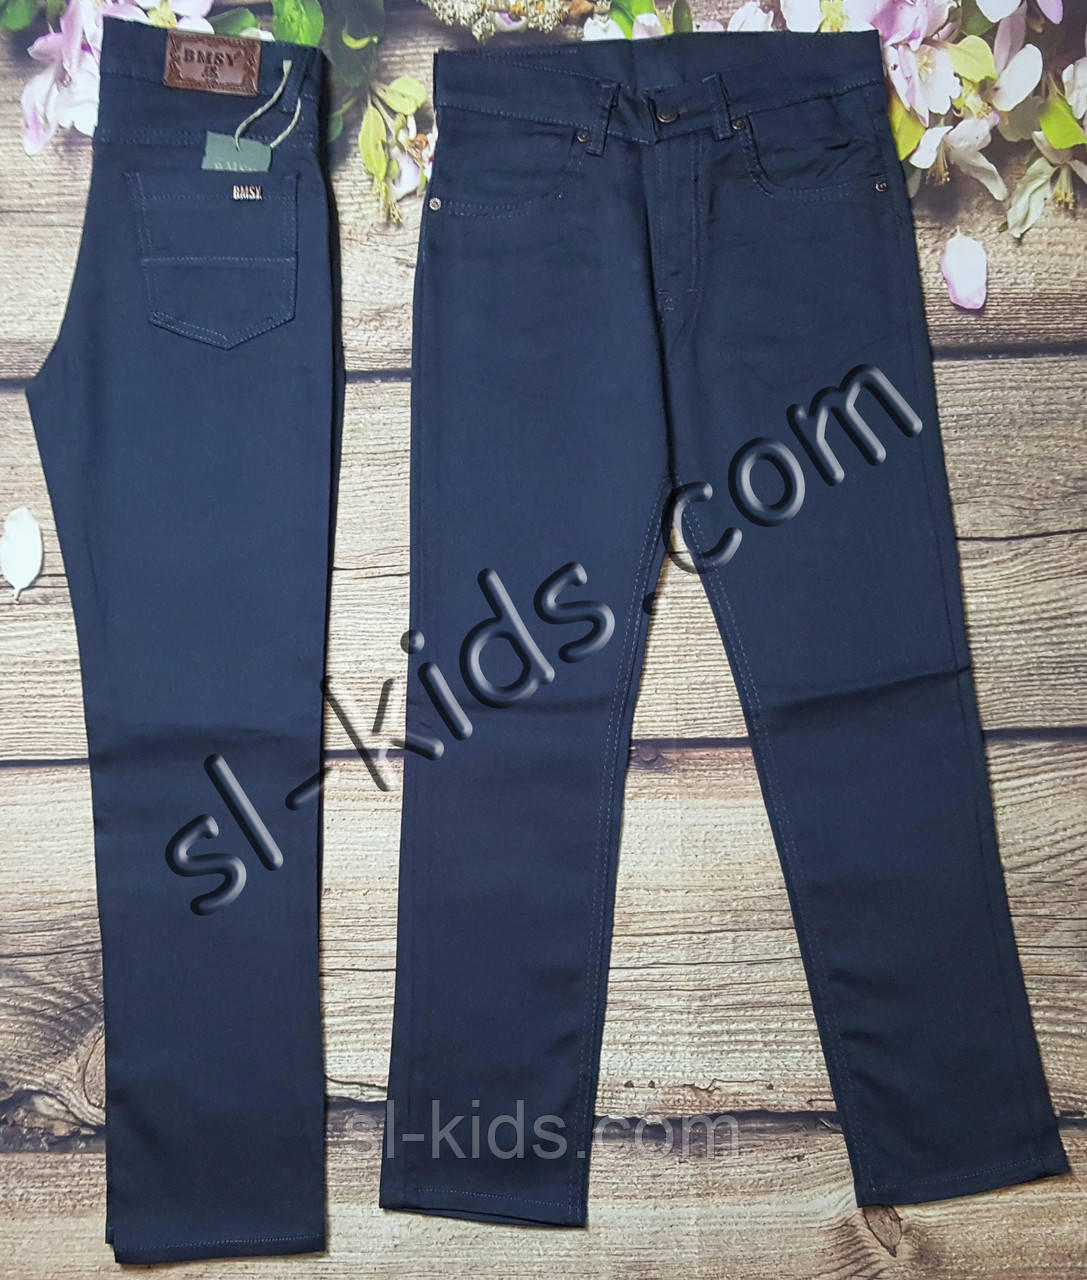 Яскраві штани для хлопчика 12-16 років(роздр) (темно-сірі) пр. Туреччина